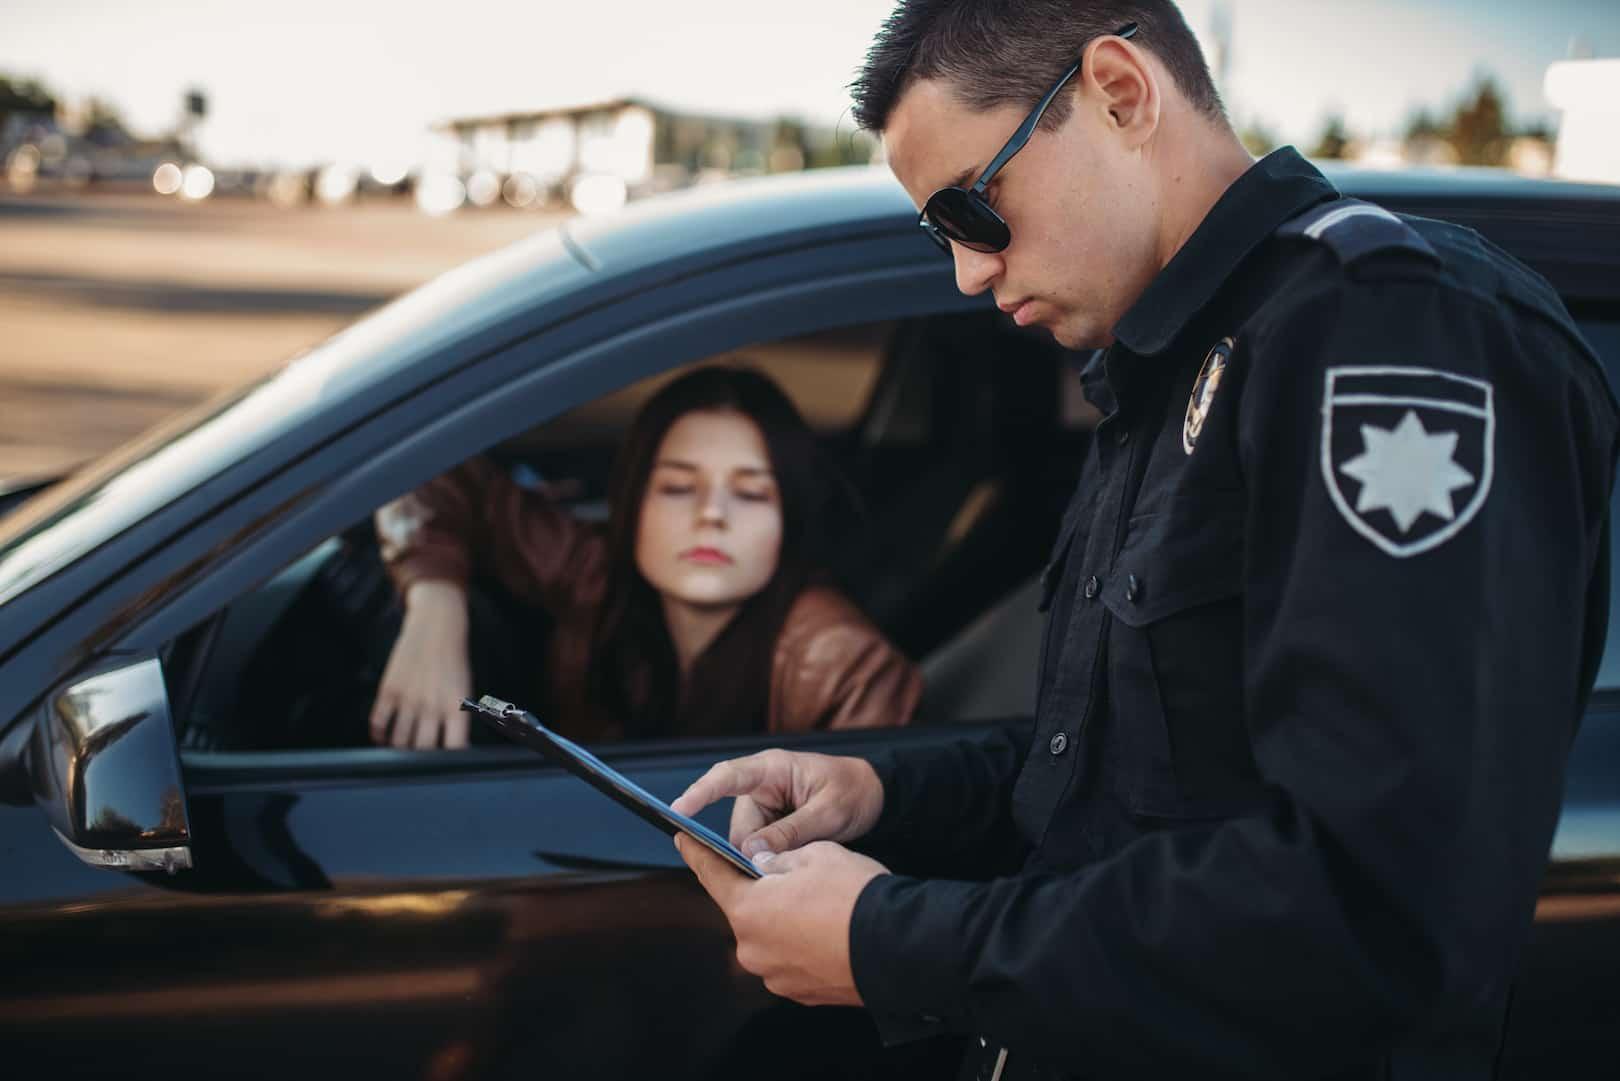 פסילת רישיון נהיגה